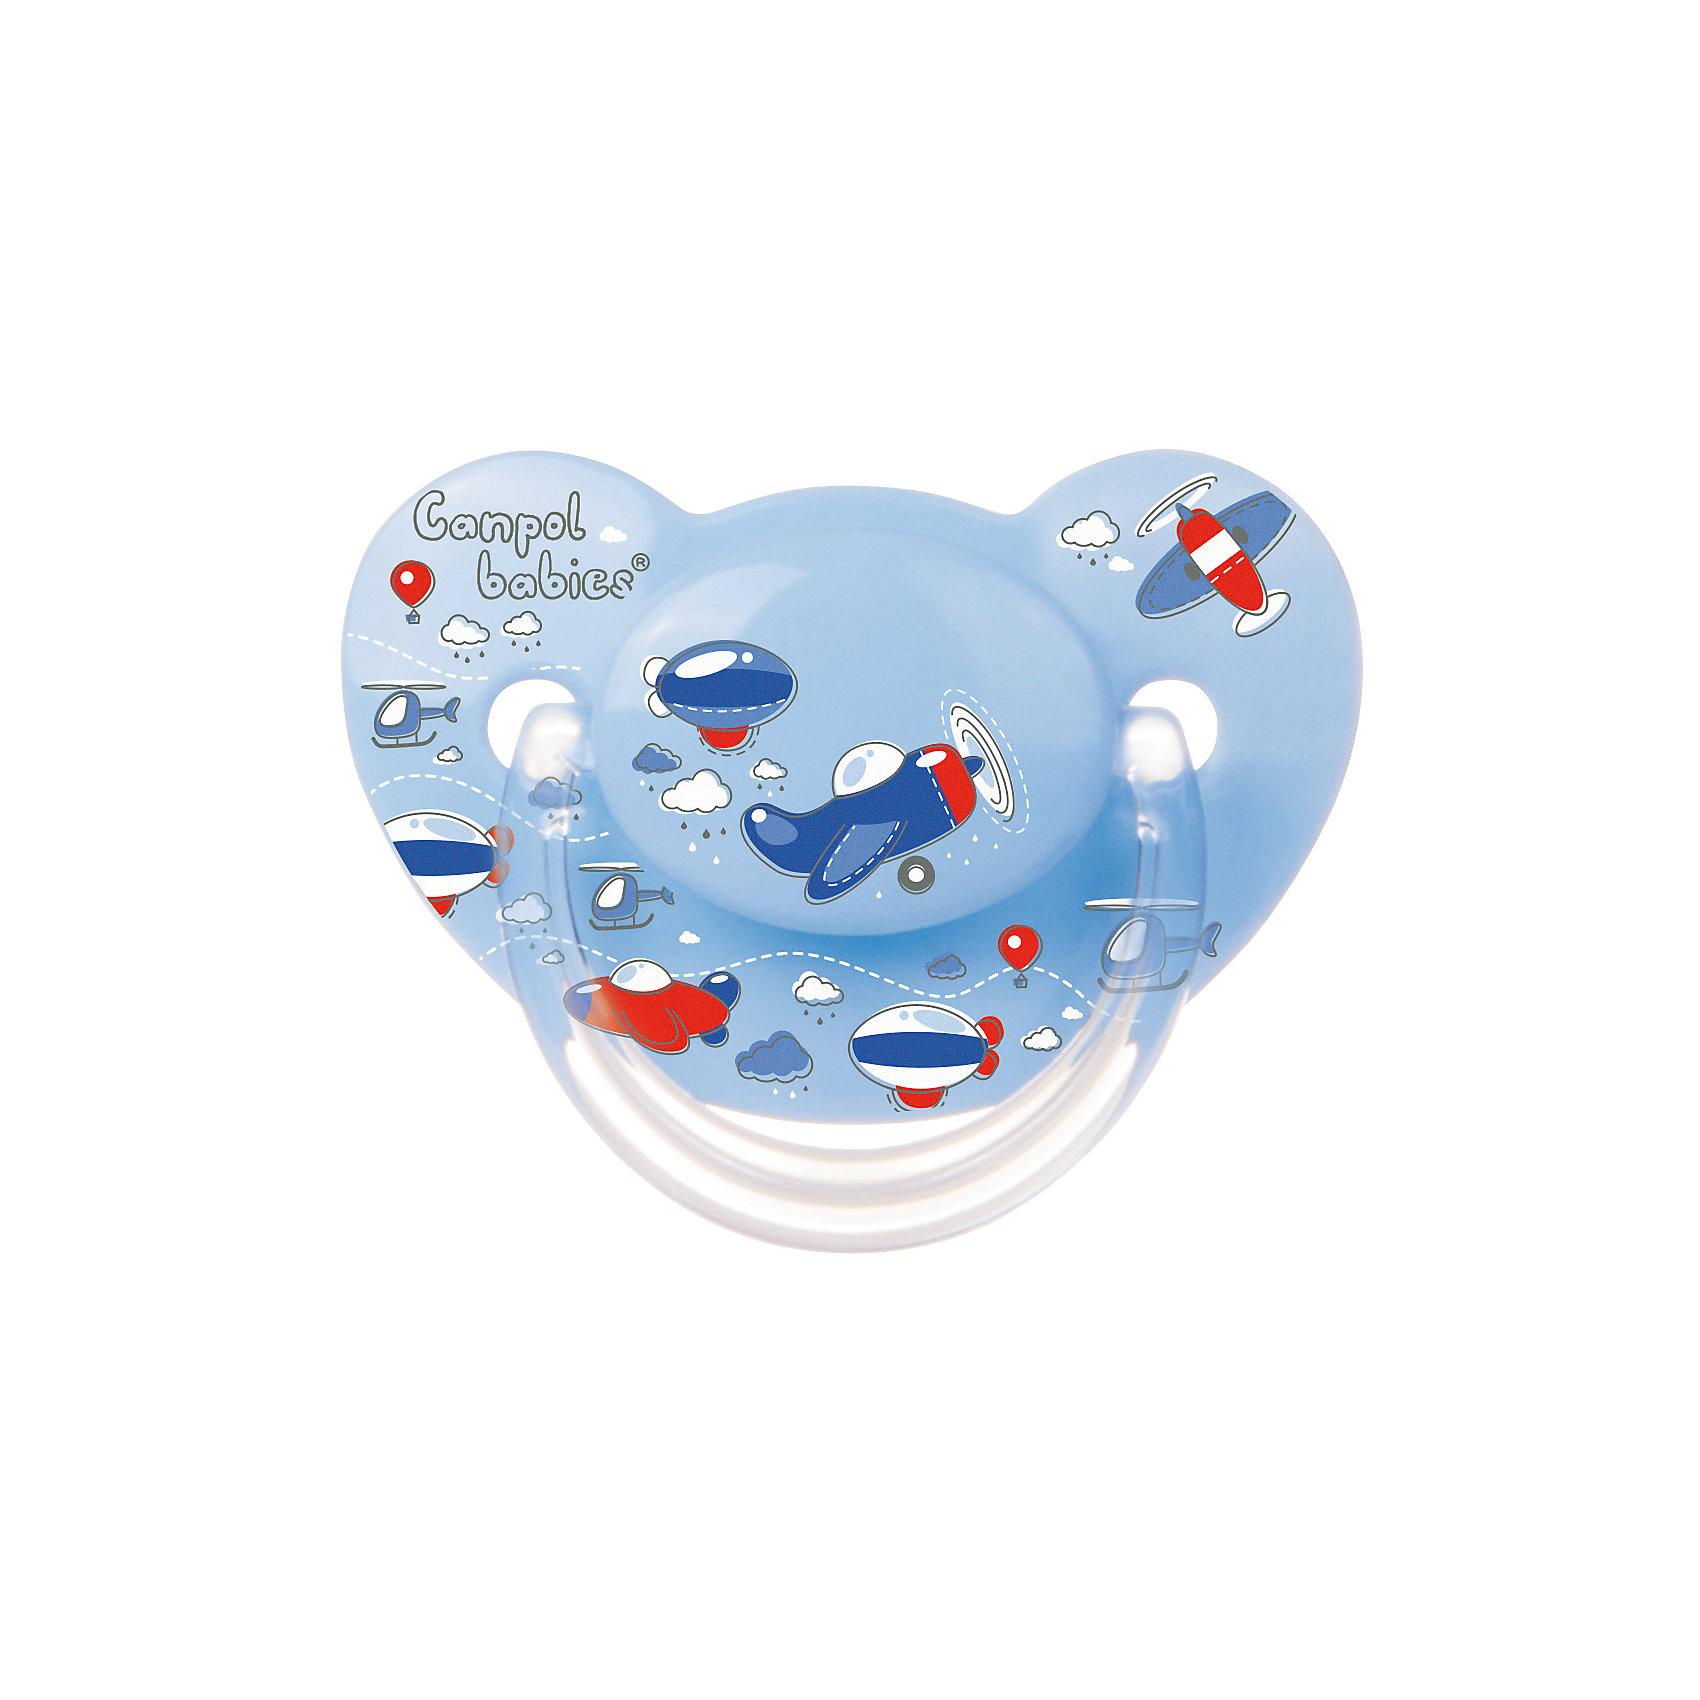 Пустышка анатомическая силиконовая, 6-18 Machines, Canpol Babies, голубойХарактеристики:<br><br>• Наименование: пустышка<br>• Пол: для мальчика<br>• Материал: силикон, пластик<br>• Цвет: голубой, синий, красный<br>• Форма: анатомическая<br>• Наличие отверстий для вентиляции<br>• Наличие кольца для держателя<br>• Особенности ухода: регулярная стерилизация и своевременная замена<br><br>Пустышка анатомическая силиконовая, 6-18 Machines, Canpol Babies, голубой имеет специальную форму, которая обеспечивает правильное давление на небо. Изготовлена из запатентованного вида силикона, который не имеет запаха. При правильном уходе обеспечивает длительное использование. У соски имеется классический ограничитель с отверстиями для вентиляции и кольцо для держателя. Пустышка анатомическая силиконовая, 6-18 Machines, Canpol Babies, голубой выполнена в ярком дизайне с изображением воздушного транспорта.<br><br>Пустышку анатомическую силиконовую, 6-18 Machines, Canpol Babies, голубую можно купить в нашем интернет-магазине.<br><br>Ширина мм: 95<br>Глубина мм: 45<br>Высота мм: 155<br>Вес г: 110<br>Возраст от месяцев: 6<br>Возраст до месяцев: 18<br>Пол: Мужской<br>Возраст: Детский<br>SKU: 5156617